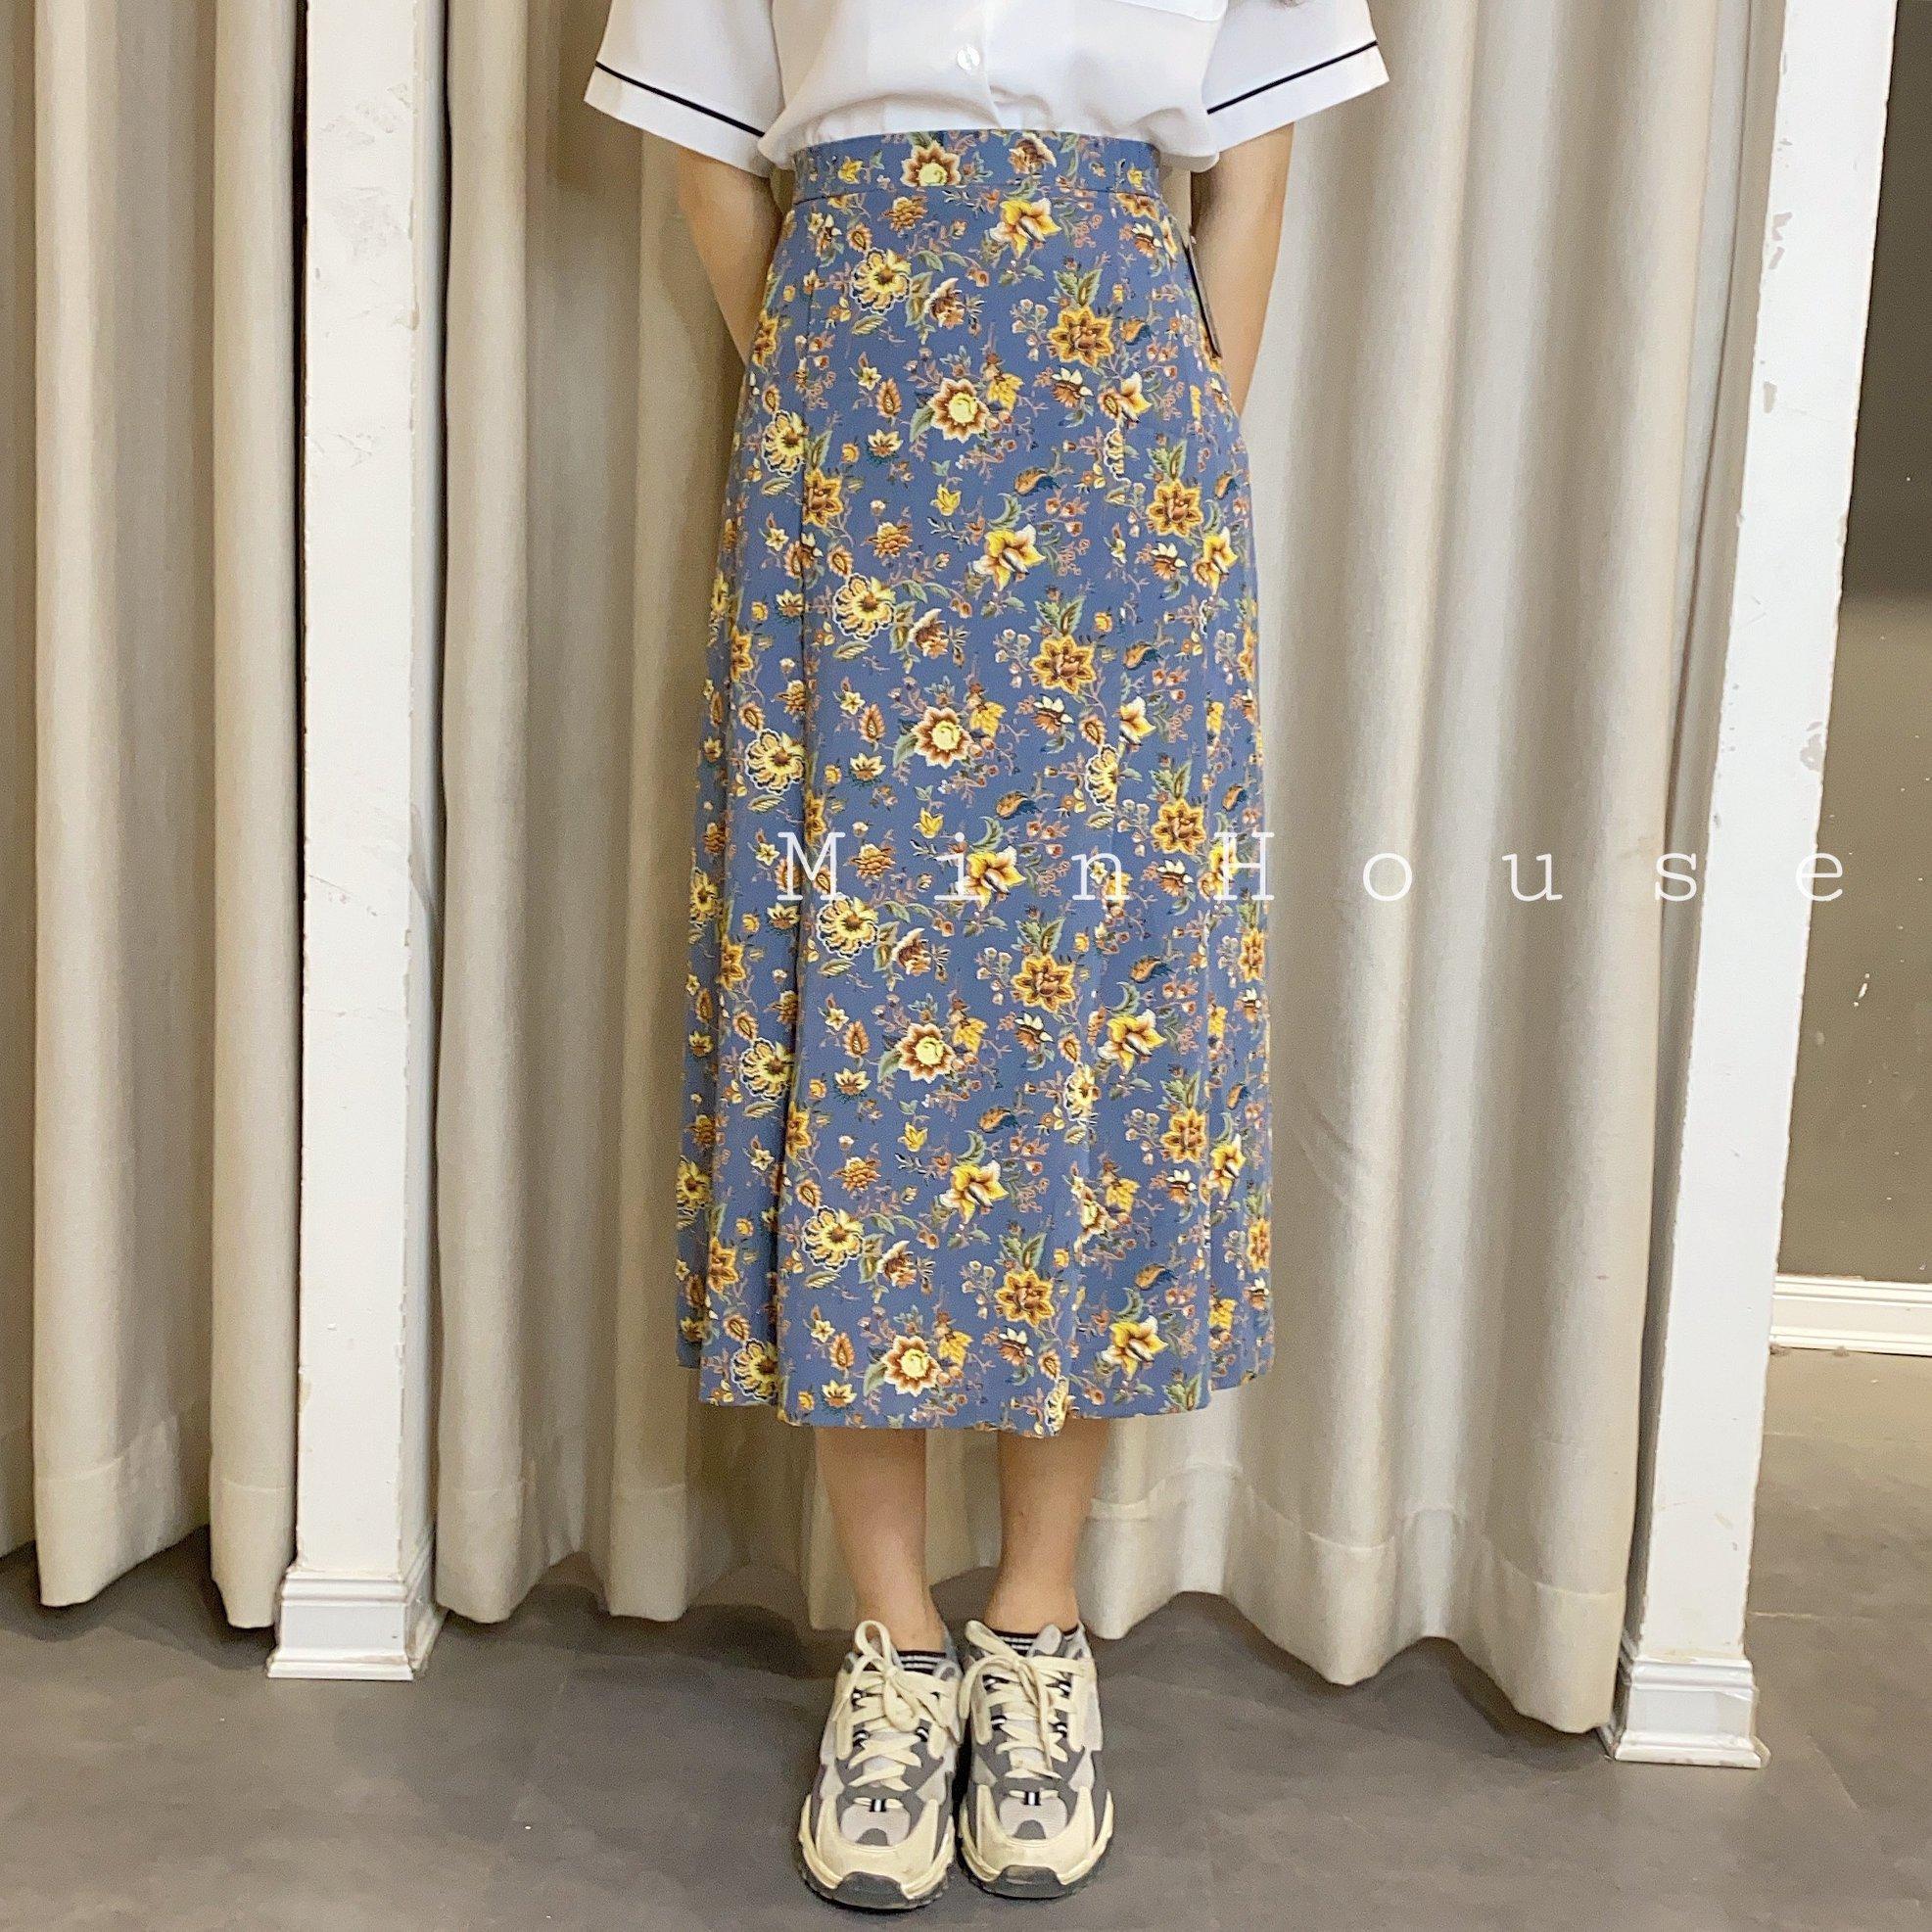 Min House gợi ý 5 cách phối đồ với chân váy hoa cho các nàng ngày hè